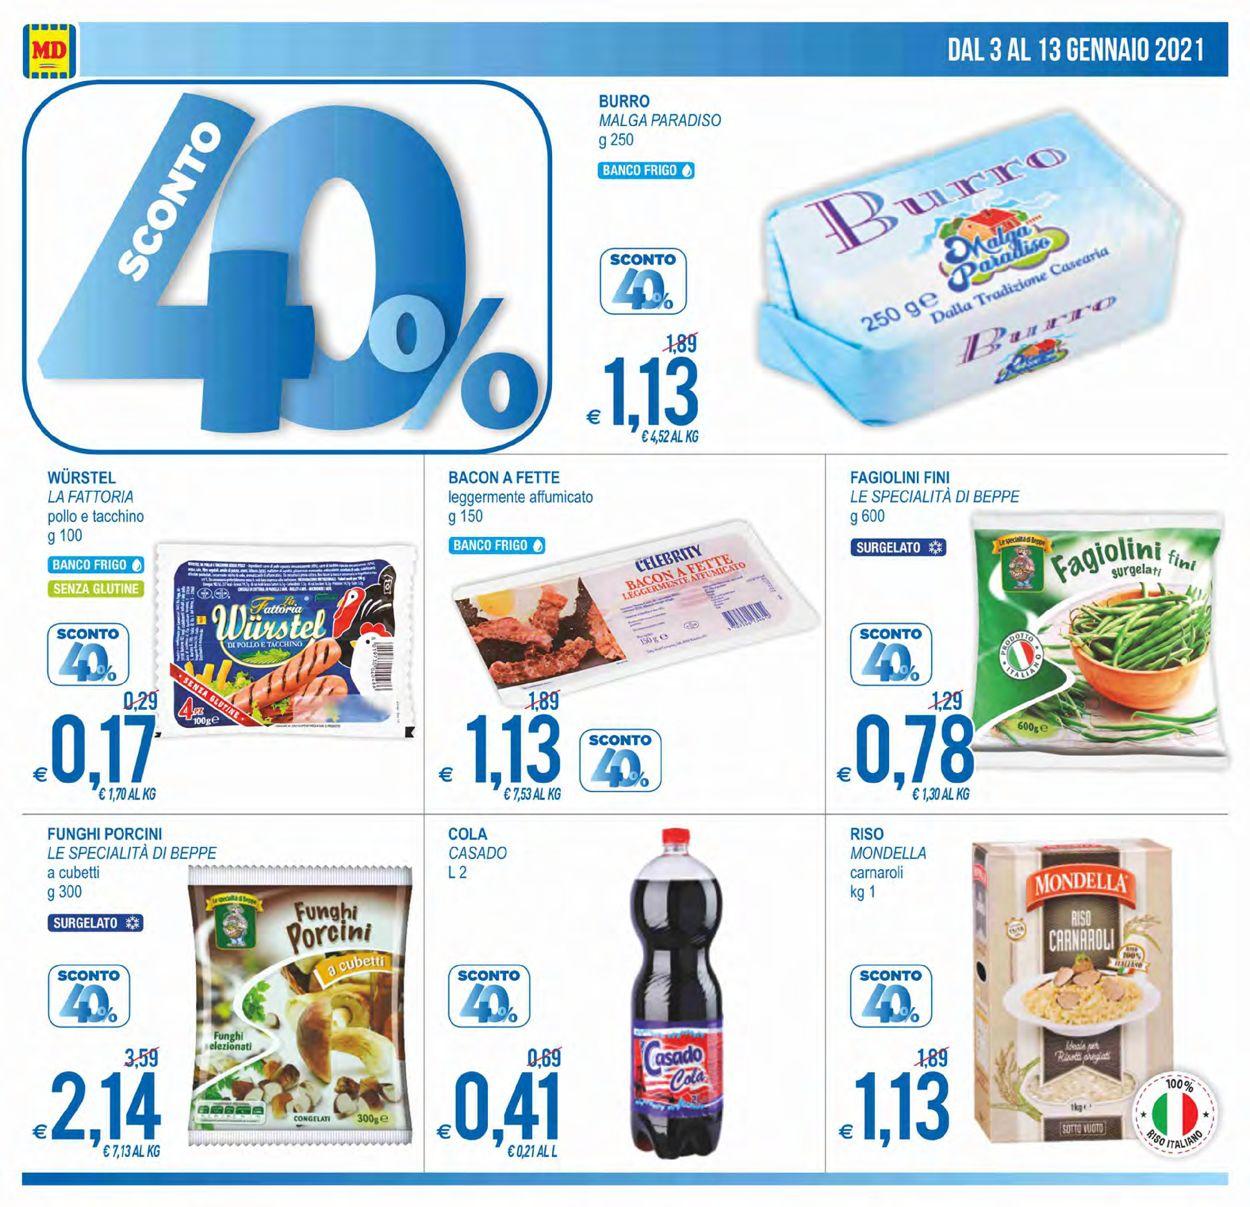 Volantino MD Discount - Offerte 03/01-13/01/2021 (Pagina 4)